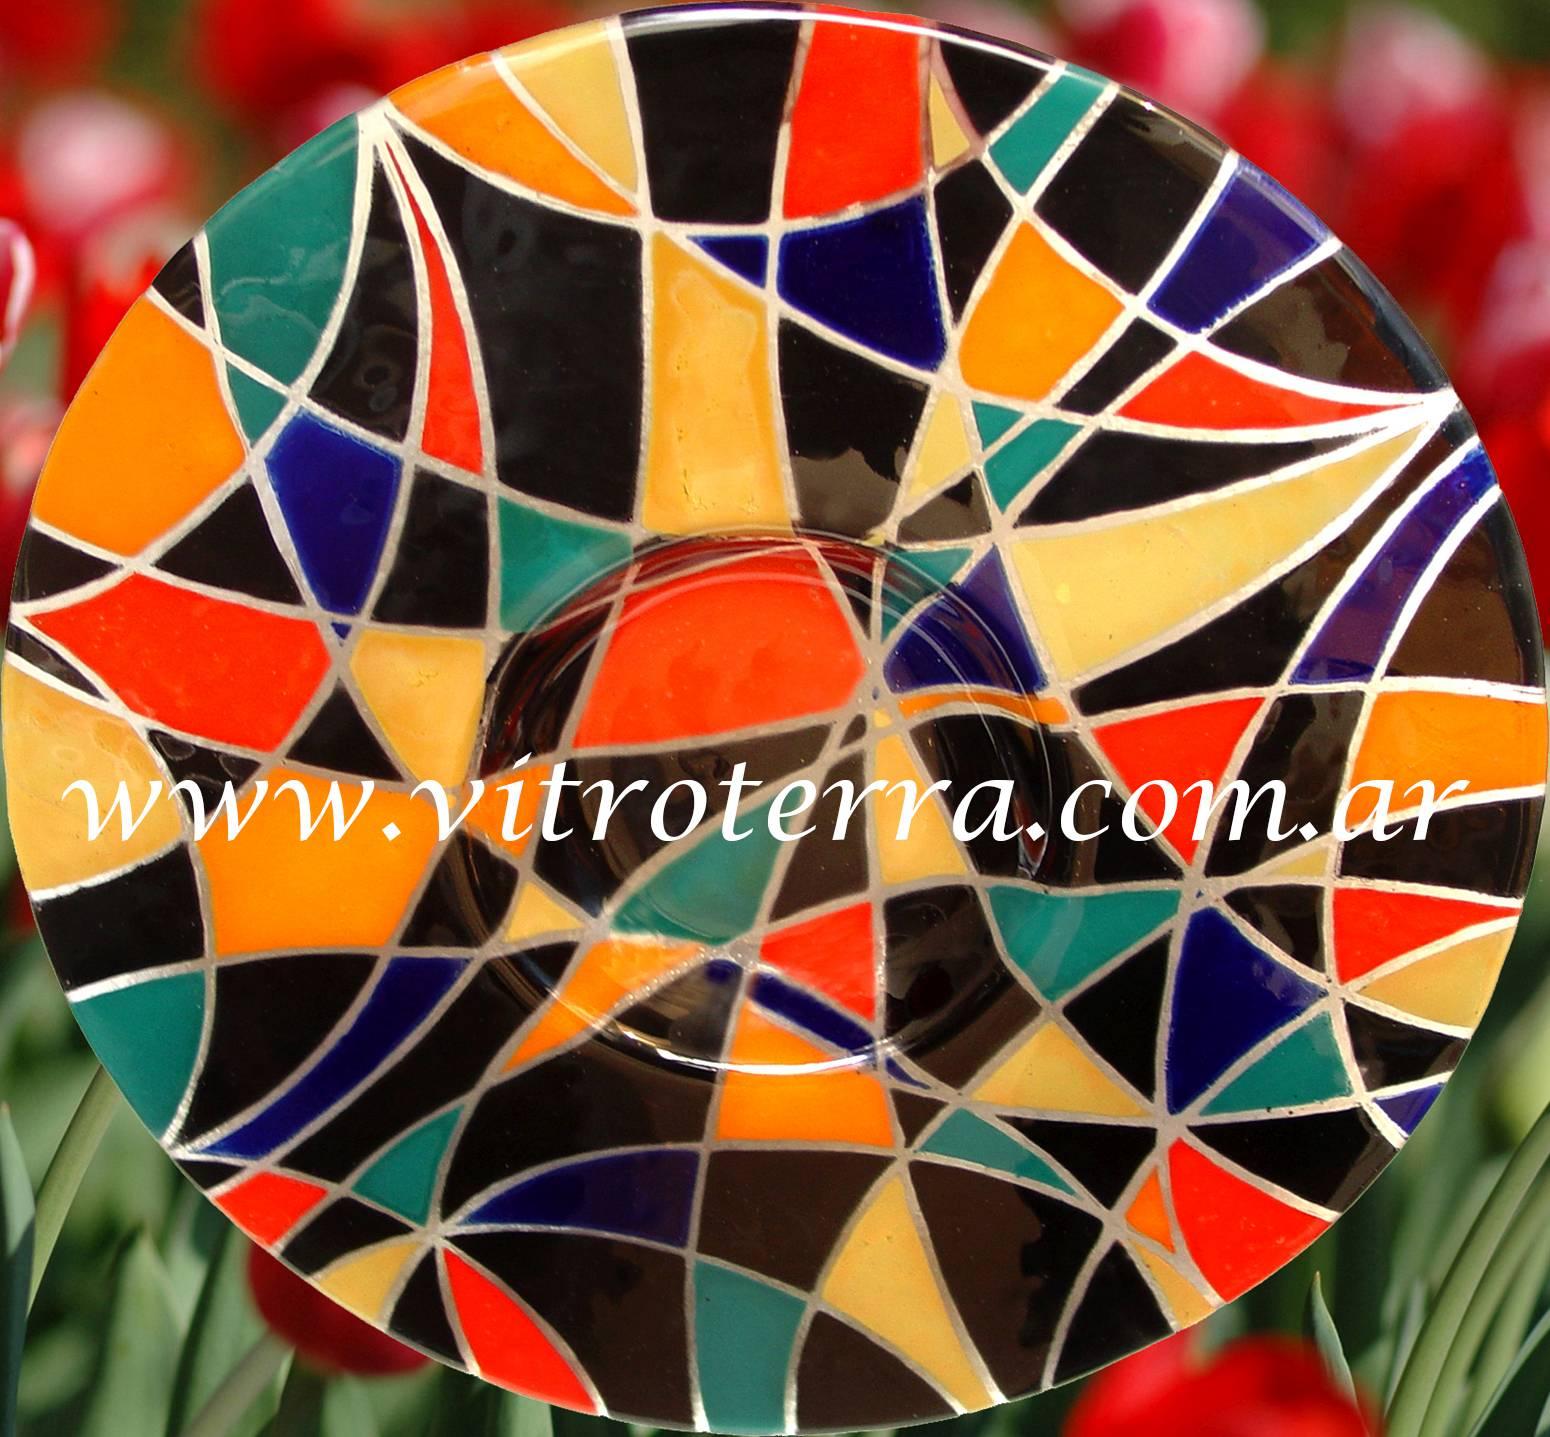 Centro circular de vidrio Miró